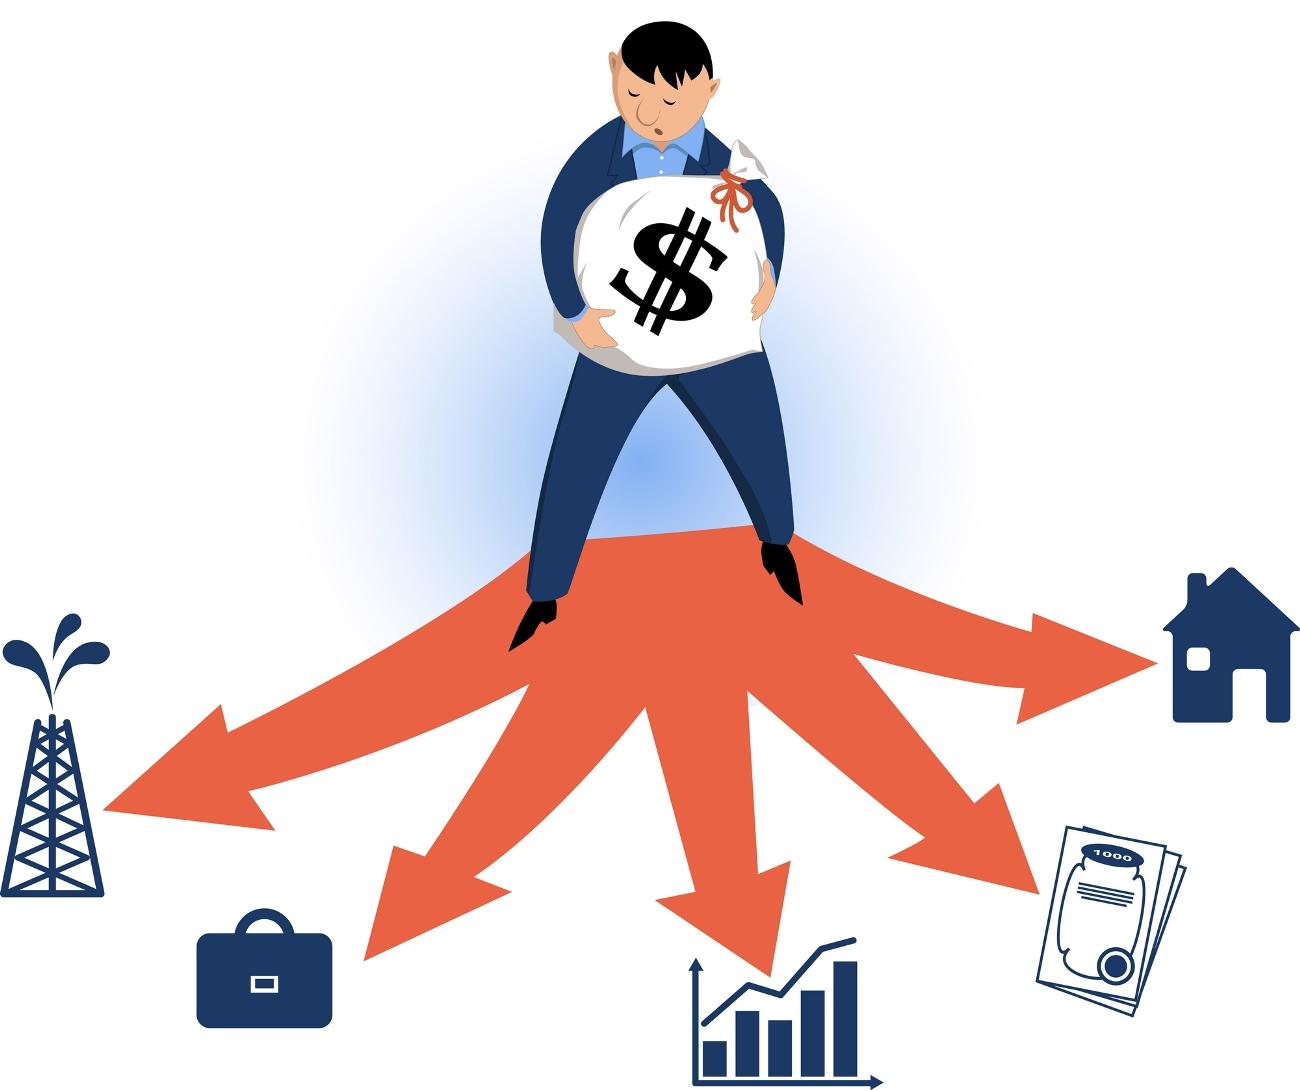 Depositphotos 36020935 l 2015 - Как прибыльно инвестировать в ПАММ-счета и не слить деньги в первые 3 месяца